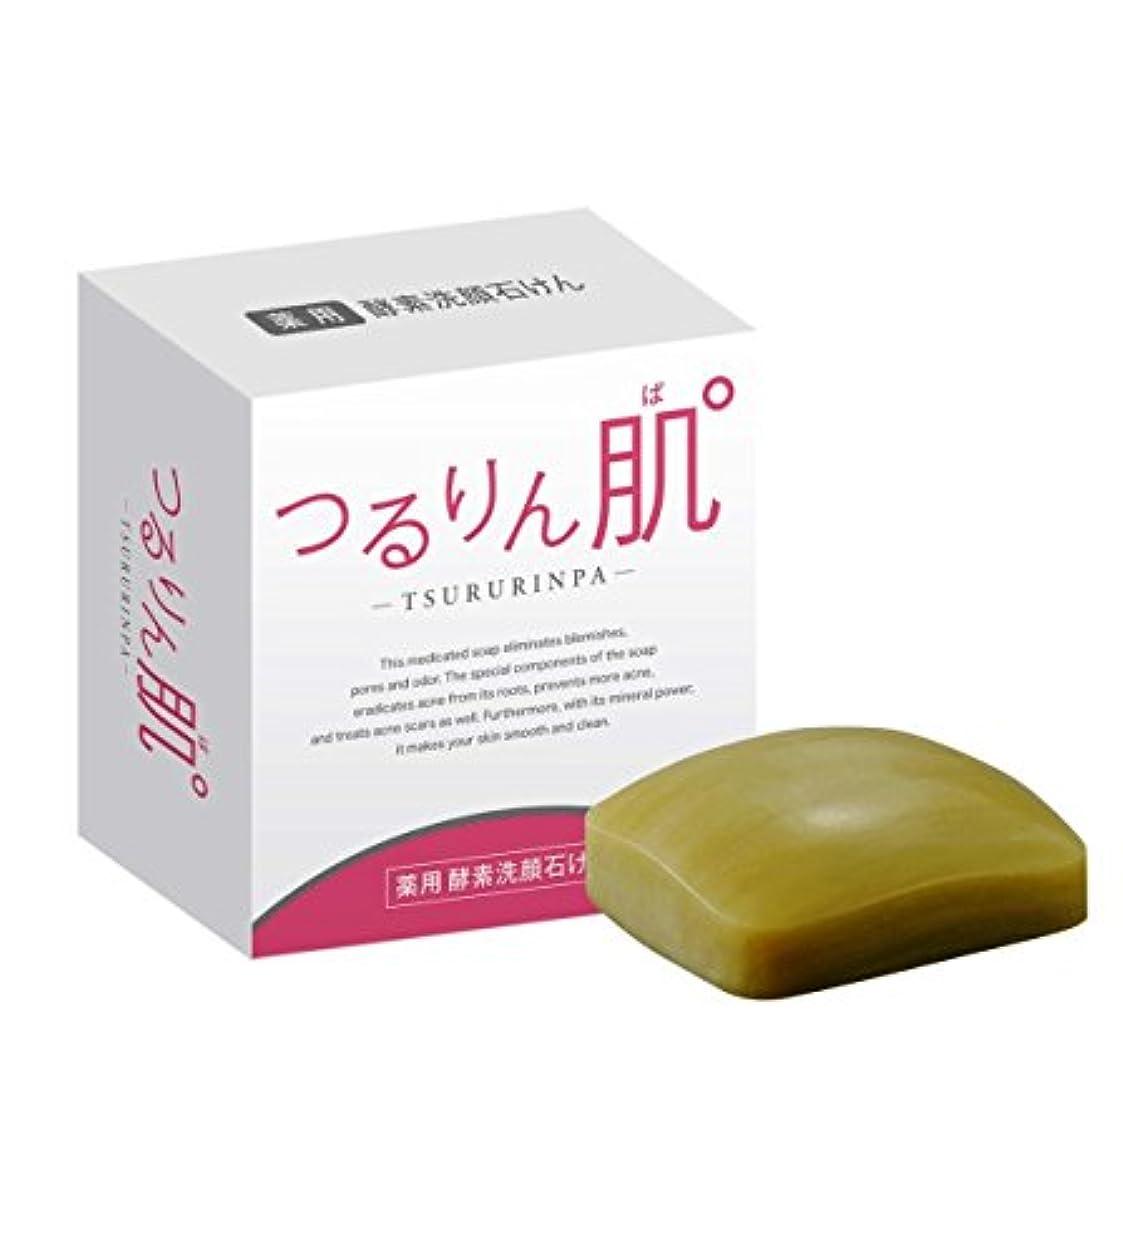 仮定自発ヘロインつるりん肌°(ぱ) 薬用 酵素洗顔石けん -TSURURINPA-